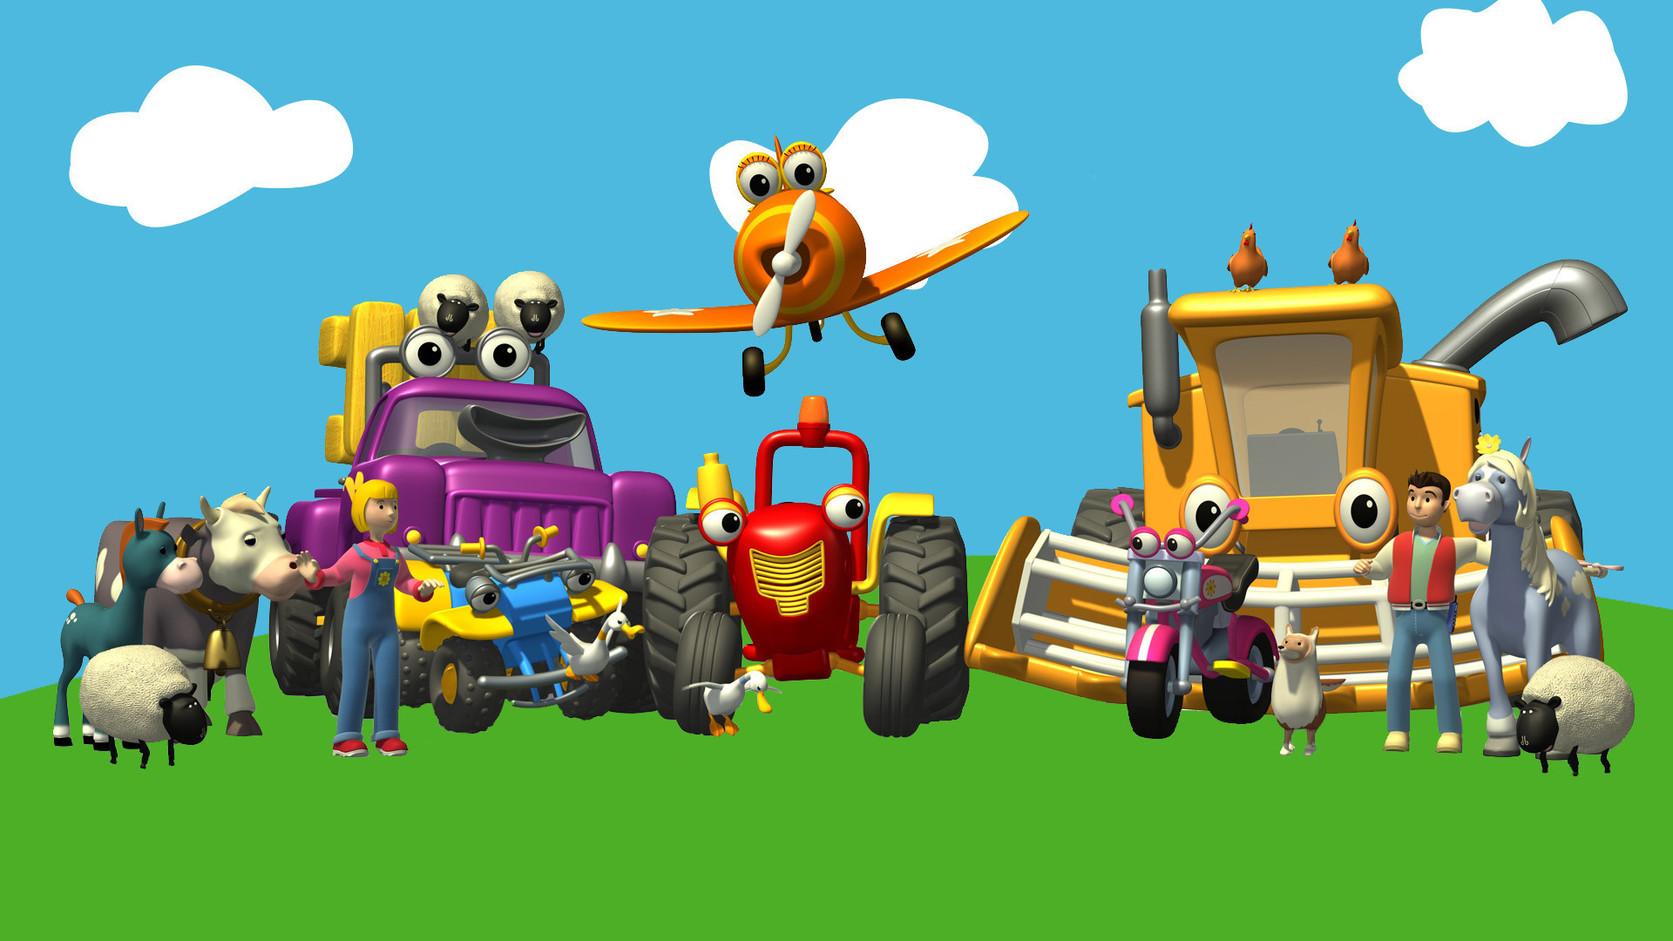 Traktor tom médiaklikk